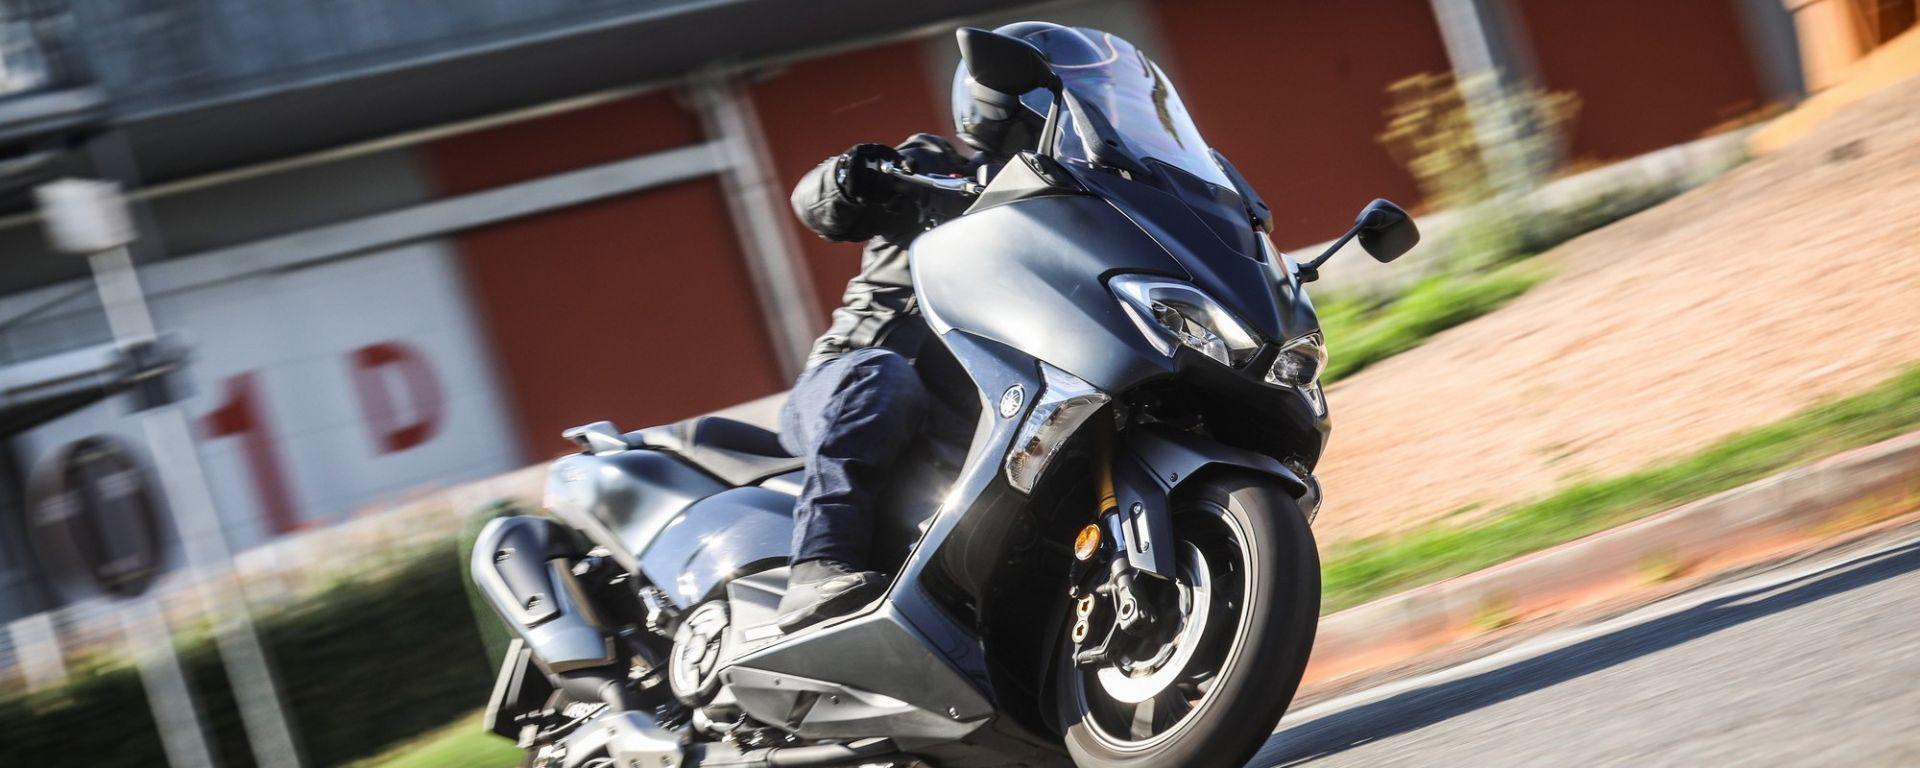 Yamaha TMAX SX 2017: piega come una moto